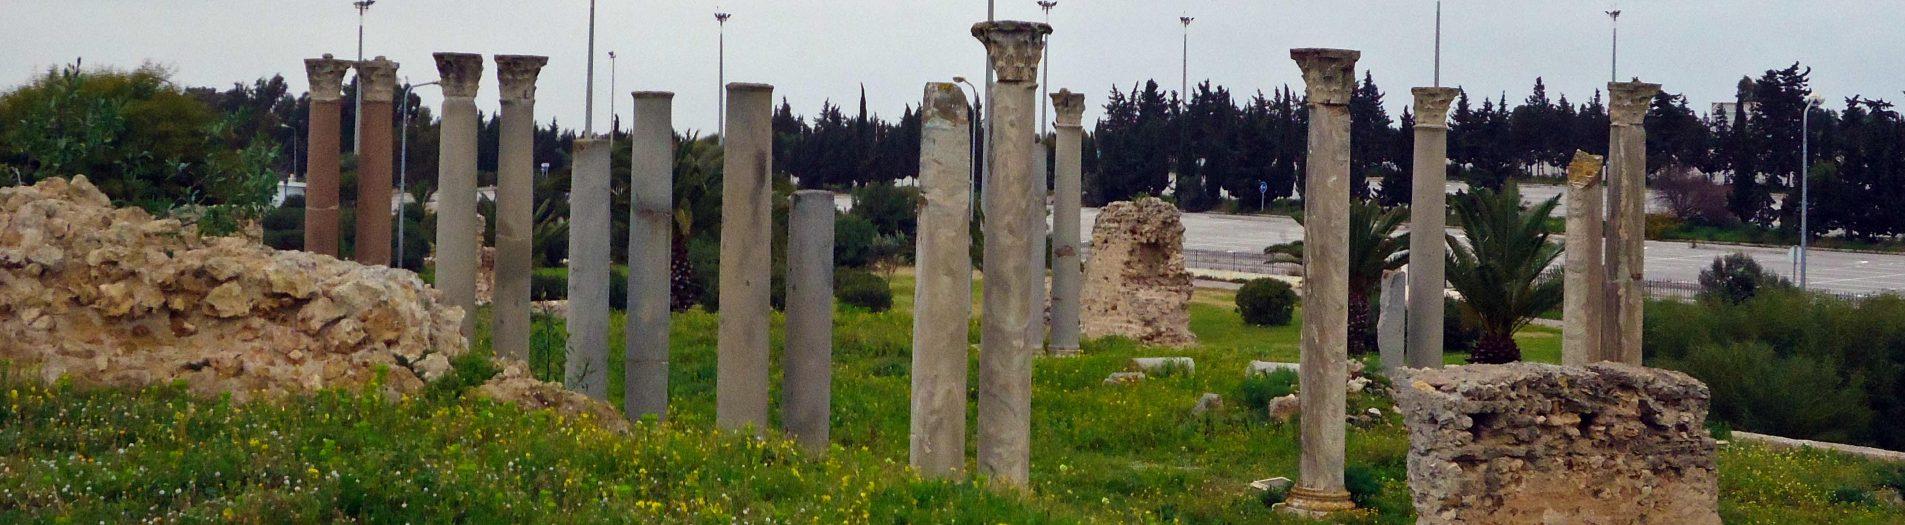 L'édifice des colonnes de Carthage